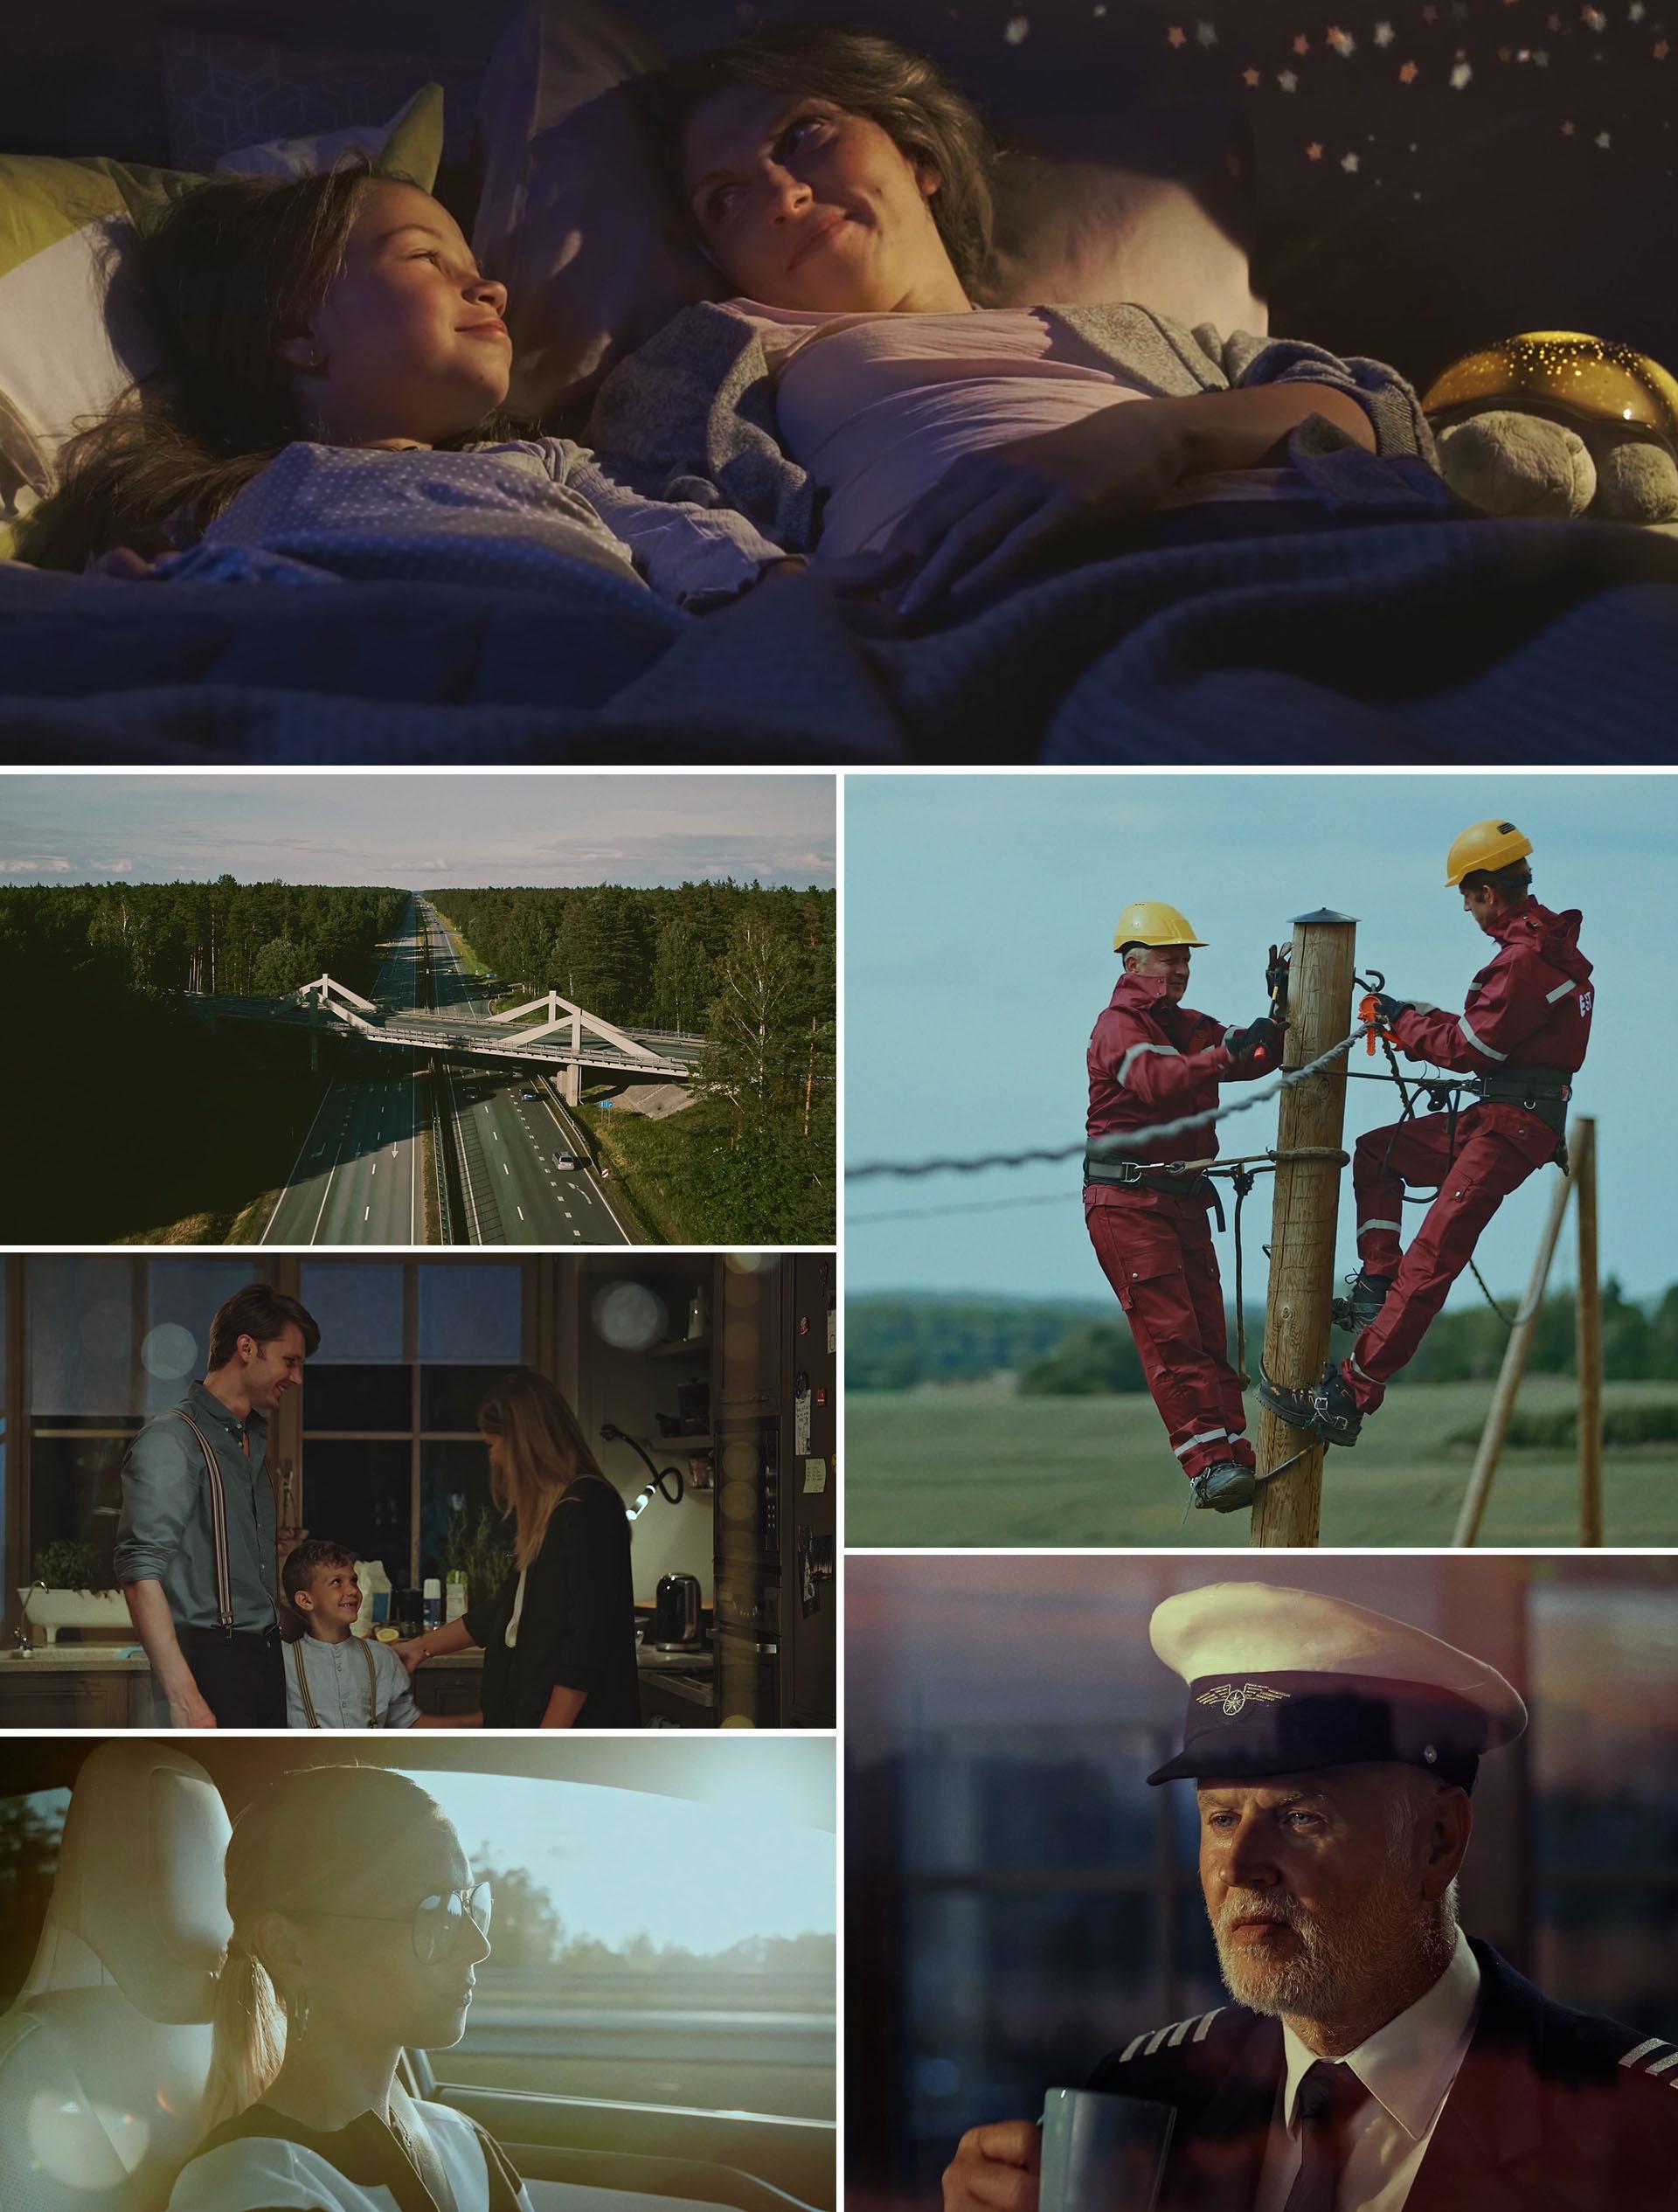 savienojums_collage